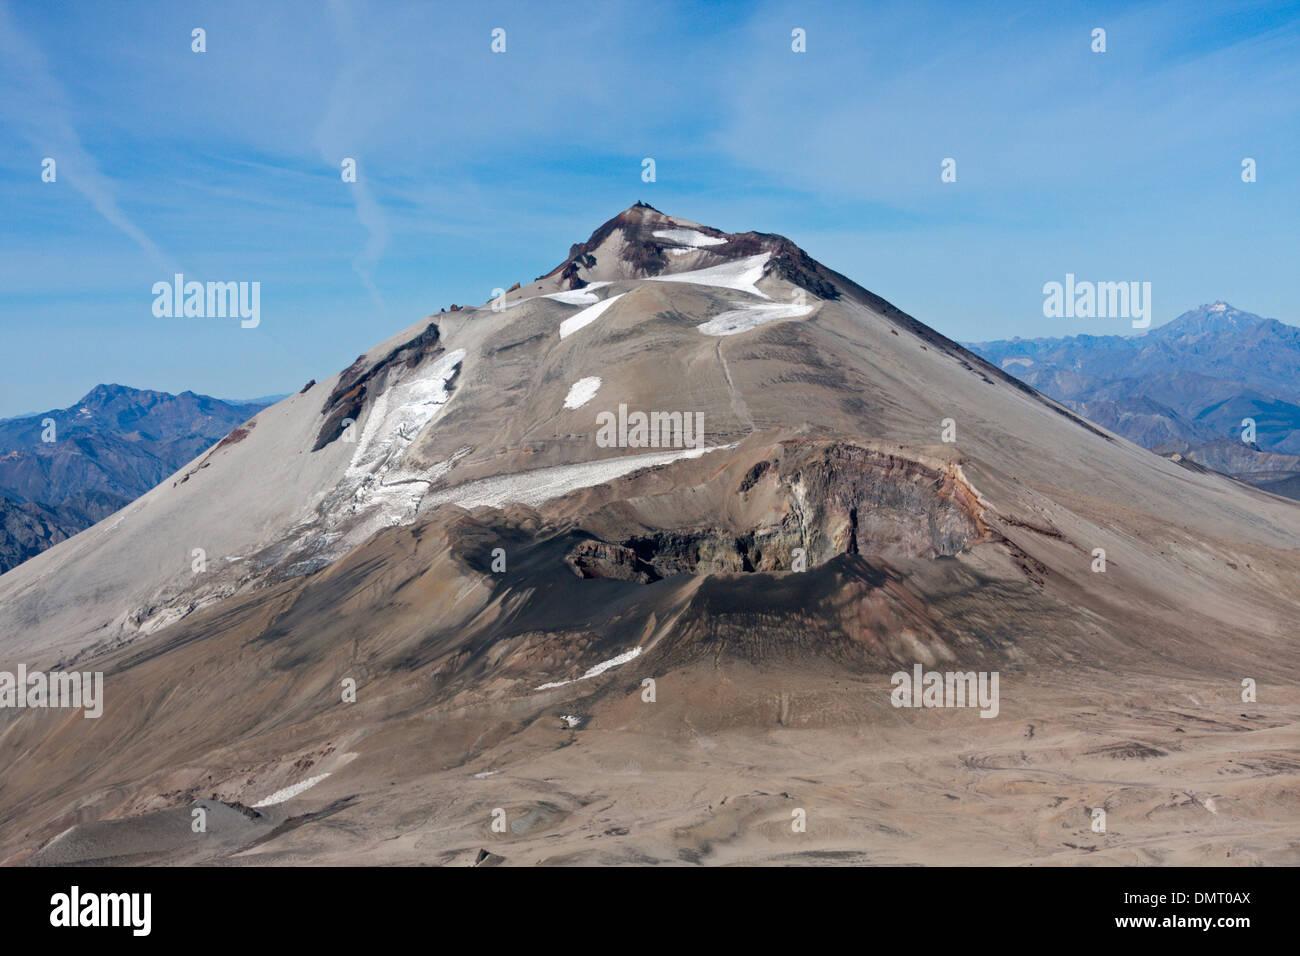 Vulcano montagne delle Ande Cile desolata colorato sfiati sterile a flusso di lava montanas Cero Azul Descabazado Vulcano Immagini Stock